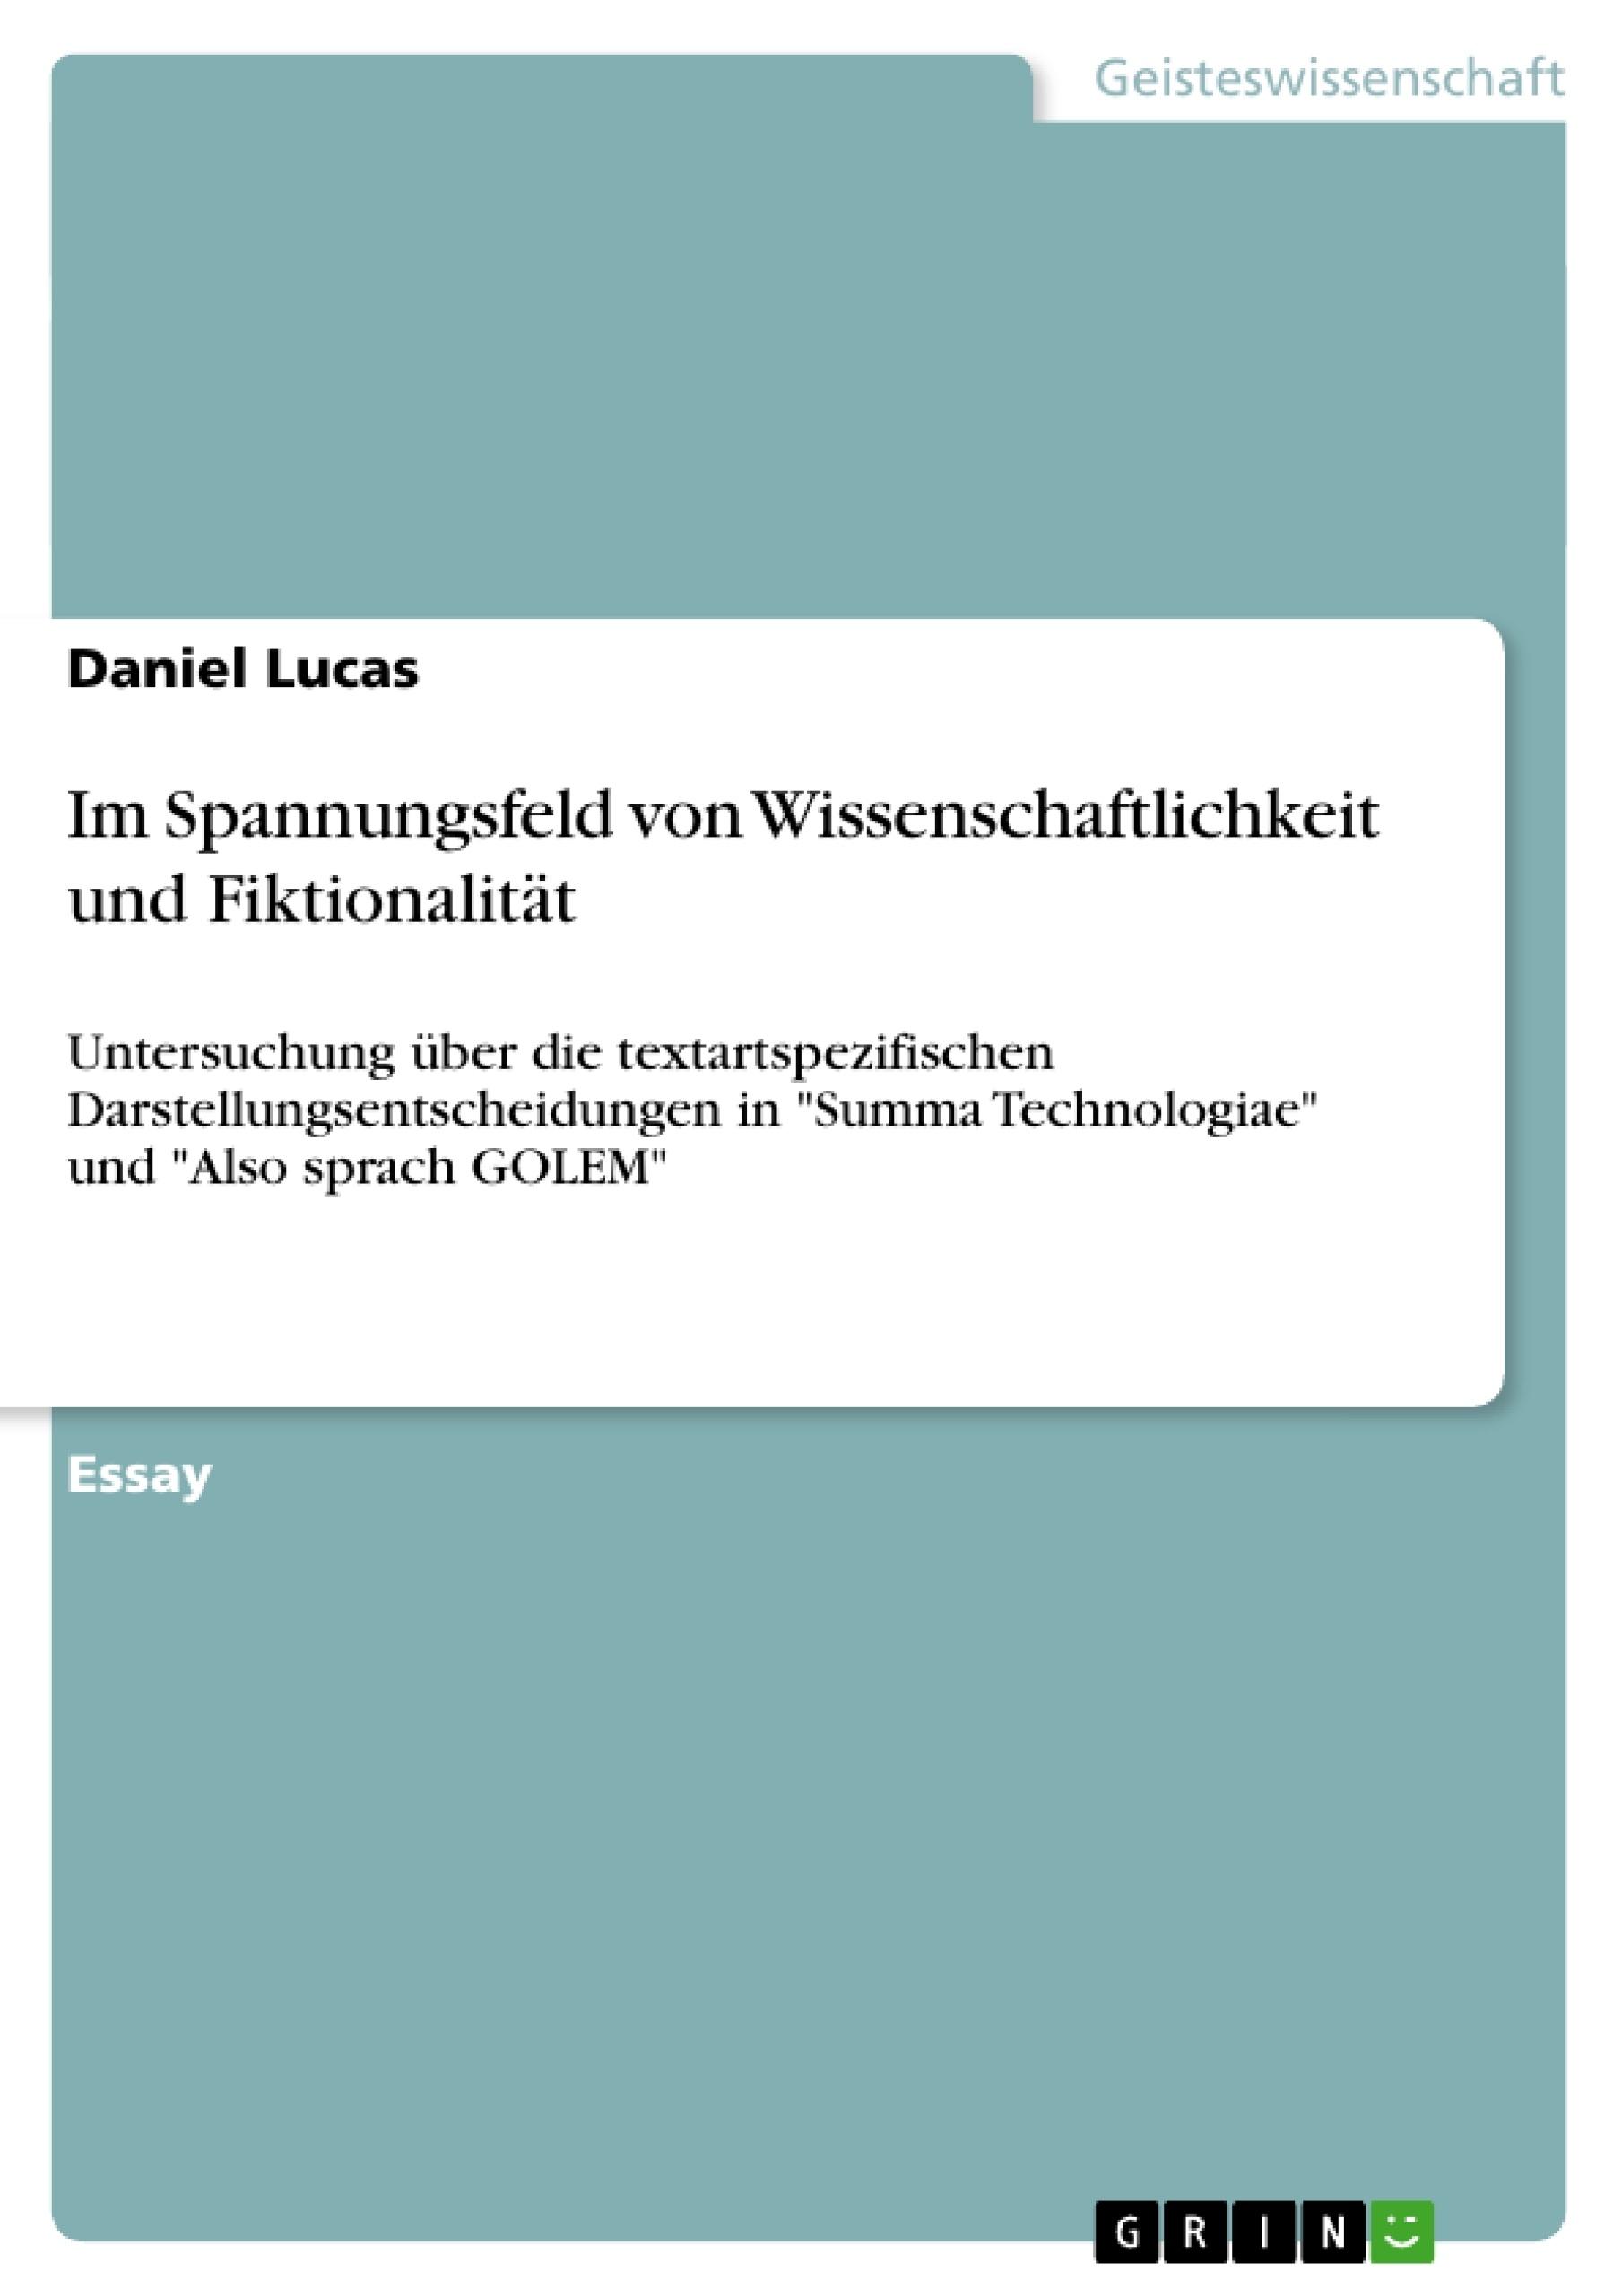 Titel: Im Spannungsfeld von Wissenschaftlichkeit und  Fiktionalität